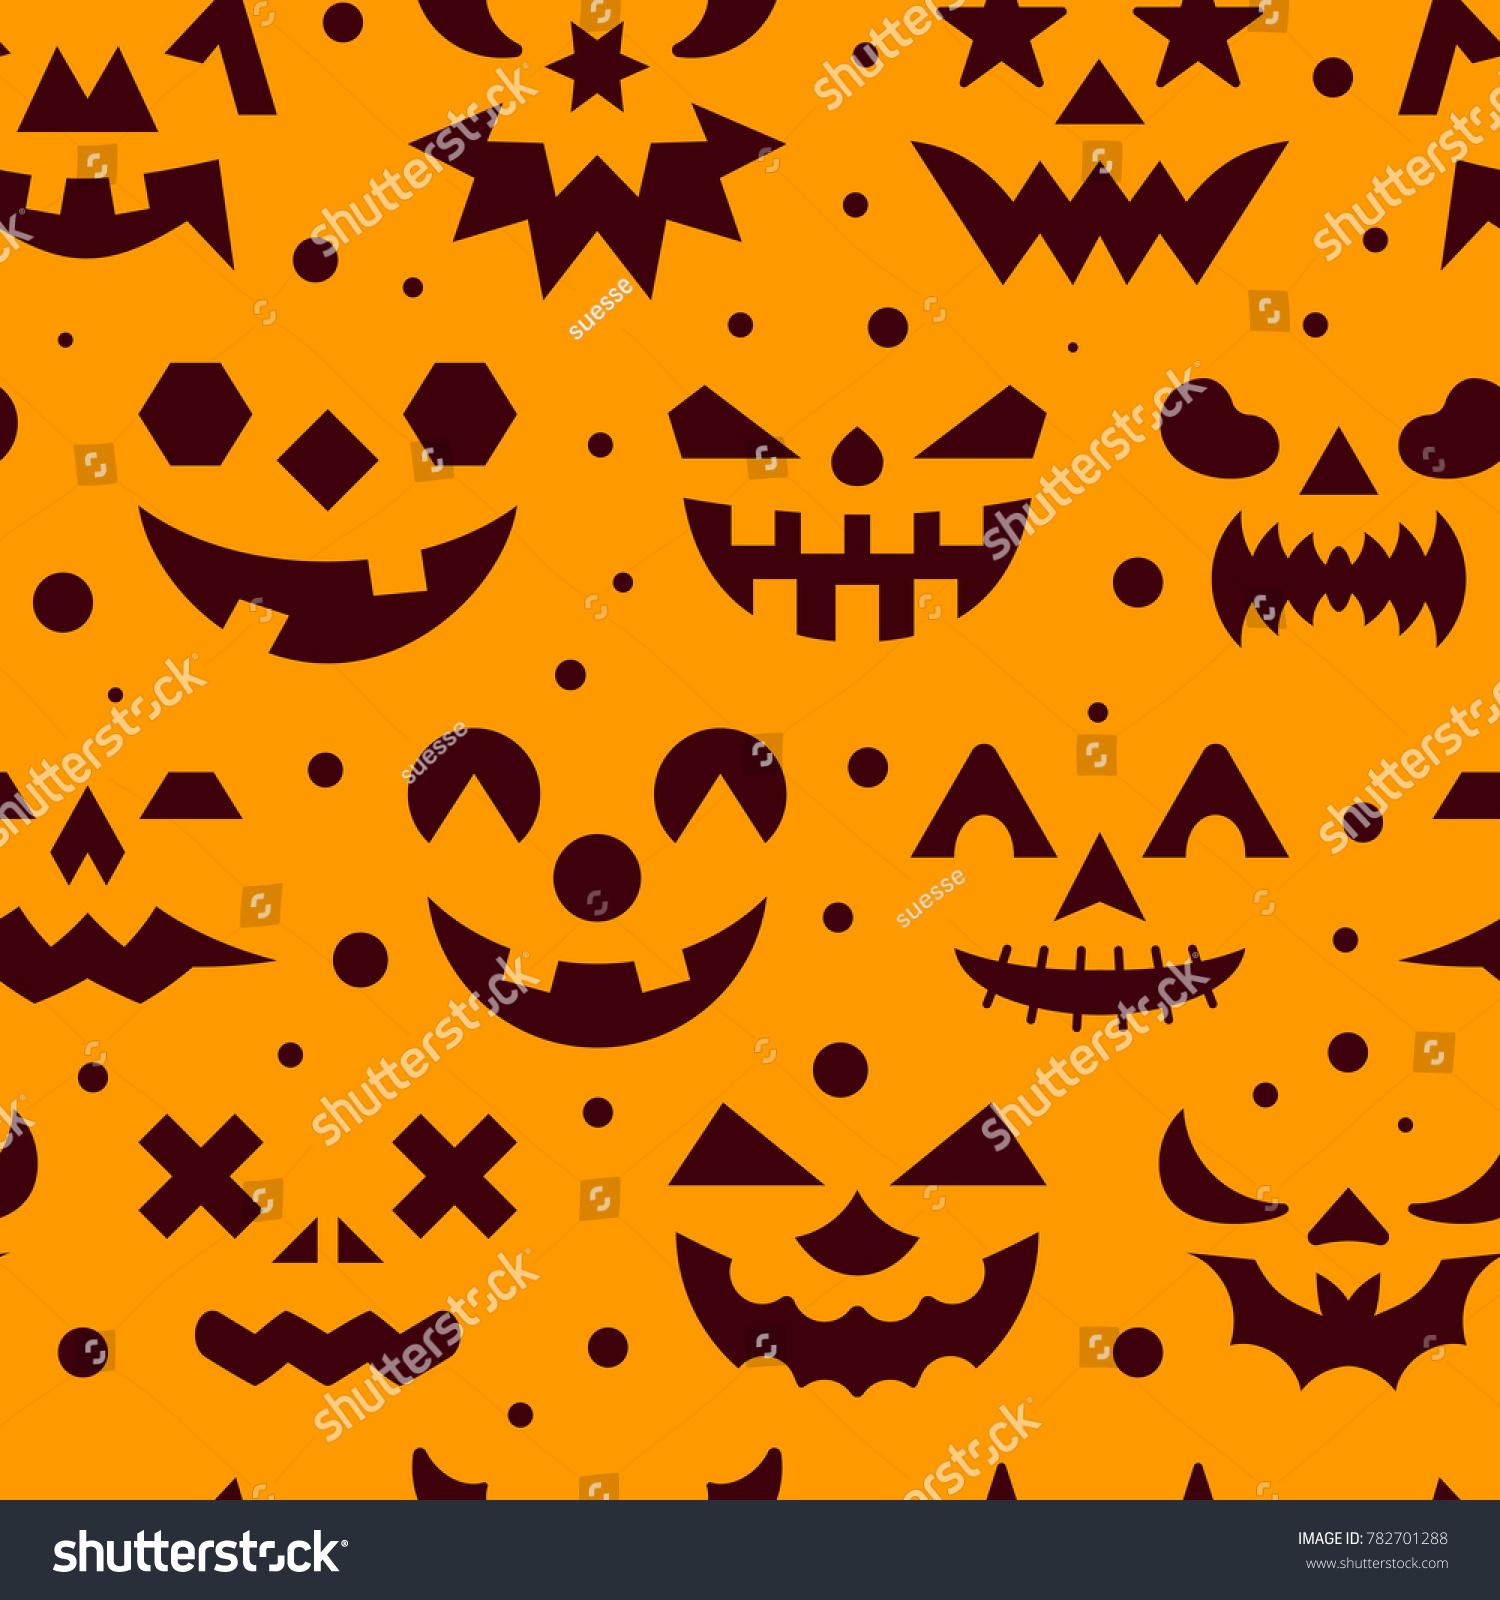 halloween seamless pattern horror face illustration stock